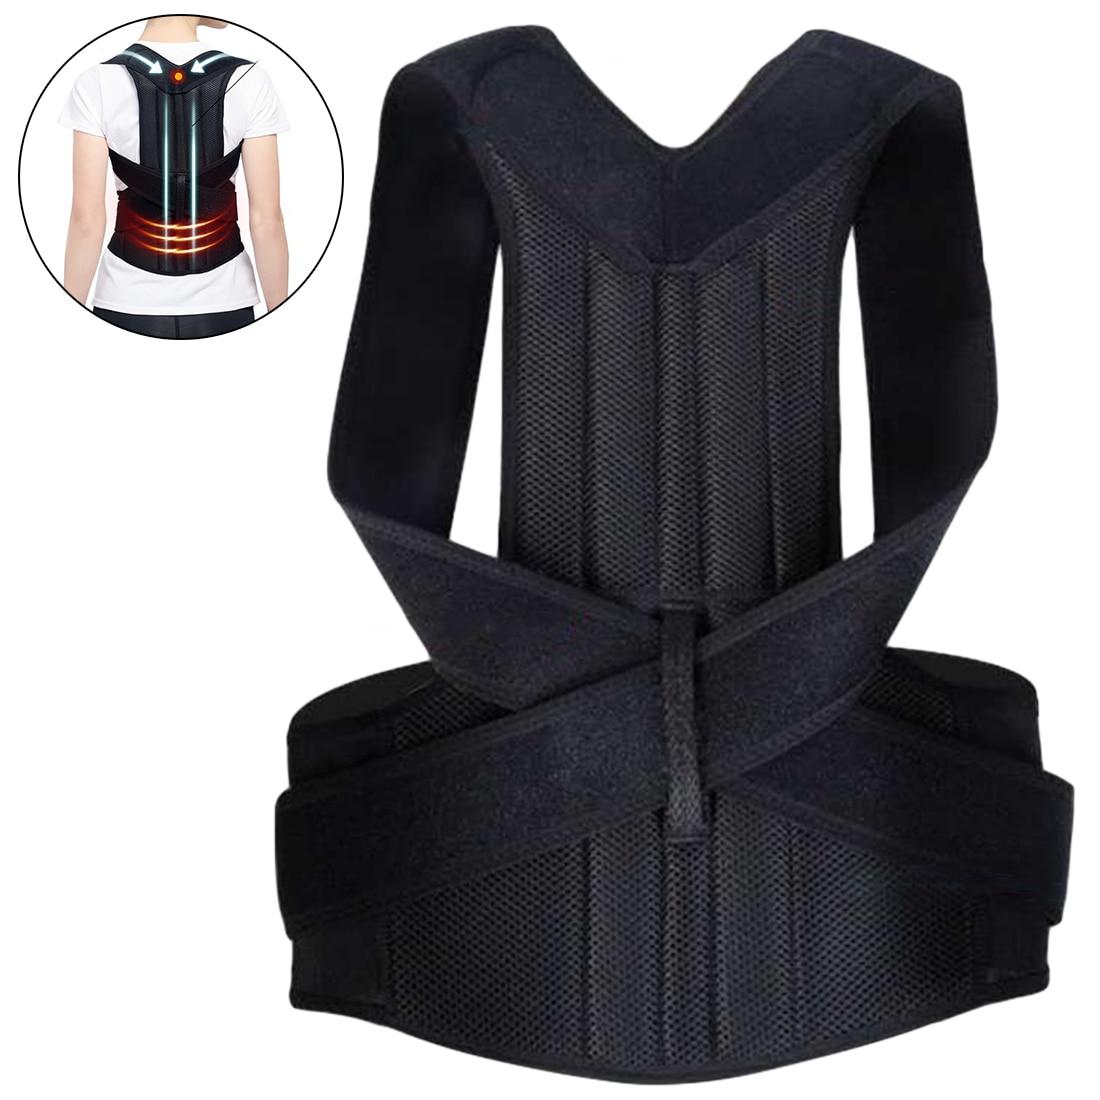 Pro Back Trainer Corrector de postura de espalda hombro Lumbar Brace correa de soporte de columna vertebral ajustable adulto corsé corrección de postura cinturón